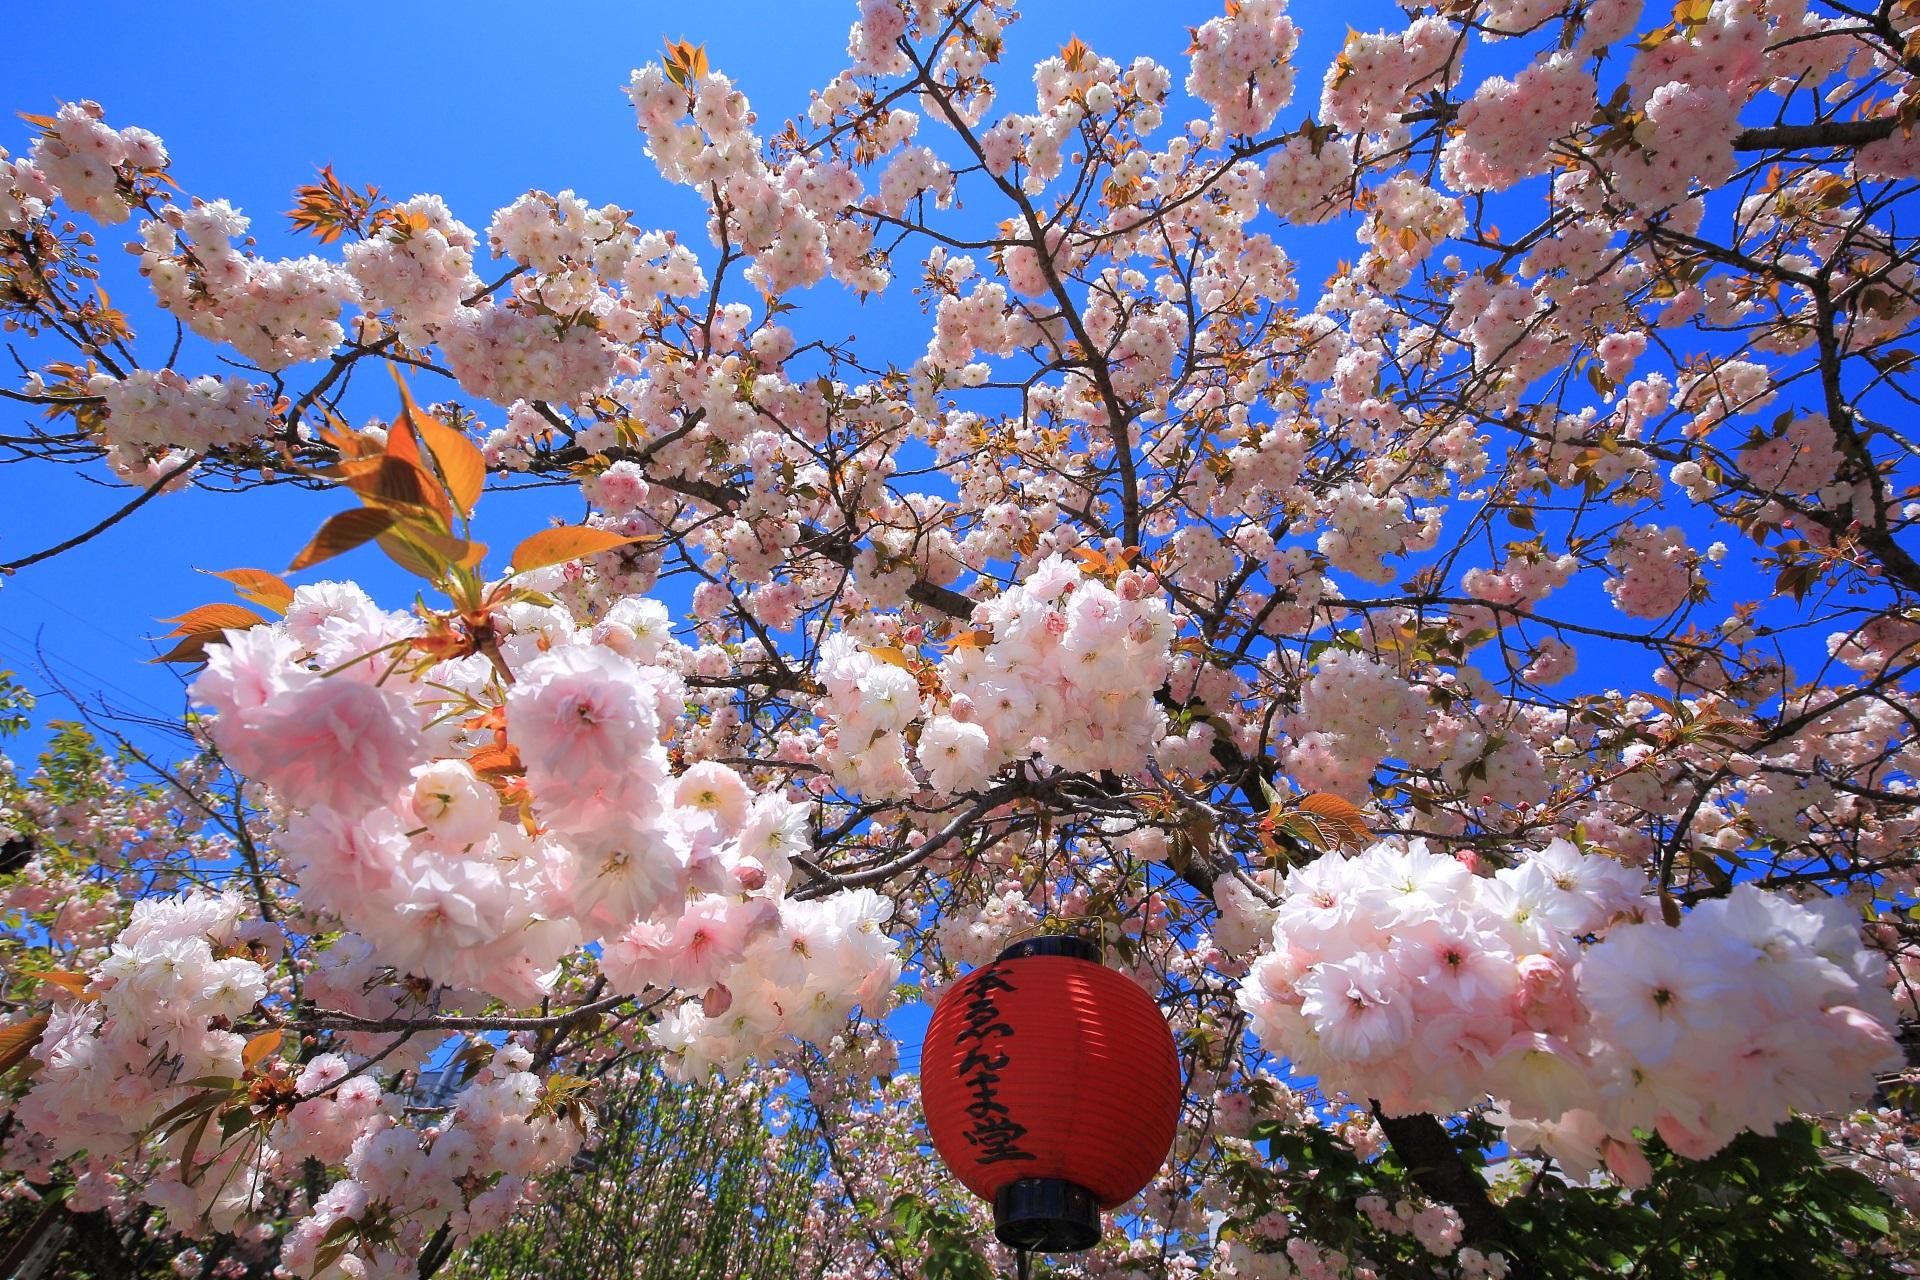 ゑんま堂普賢象桜と言う名前がついた千本ゑんま堂(引接寺)の桜